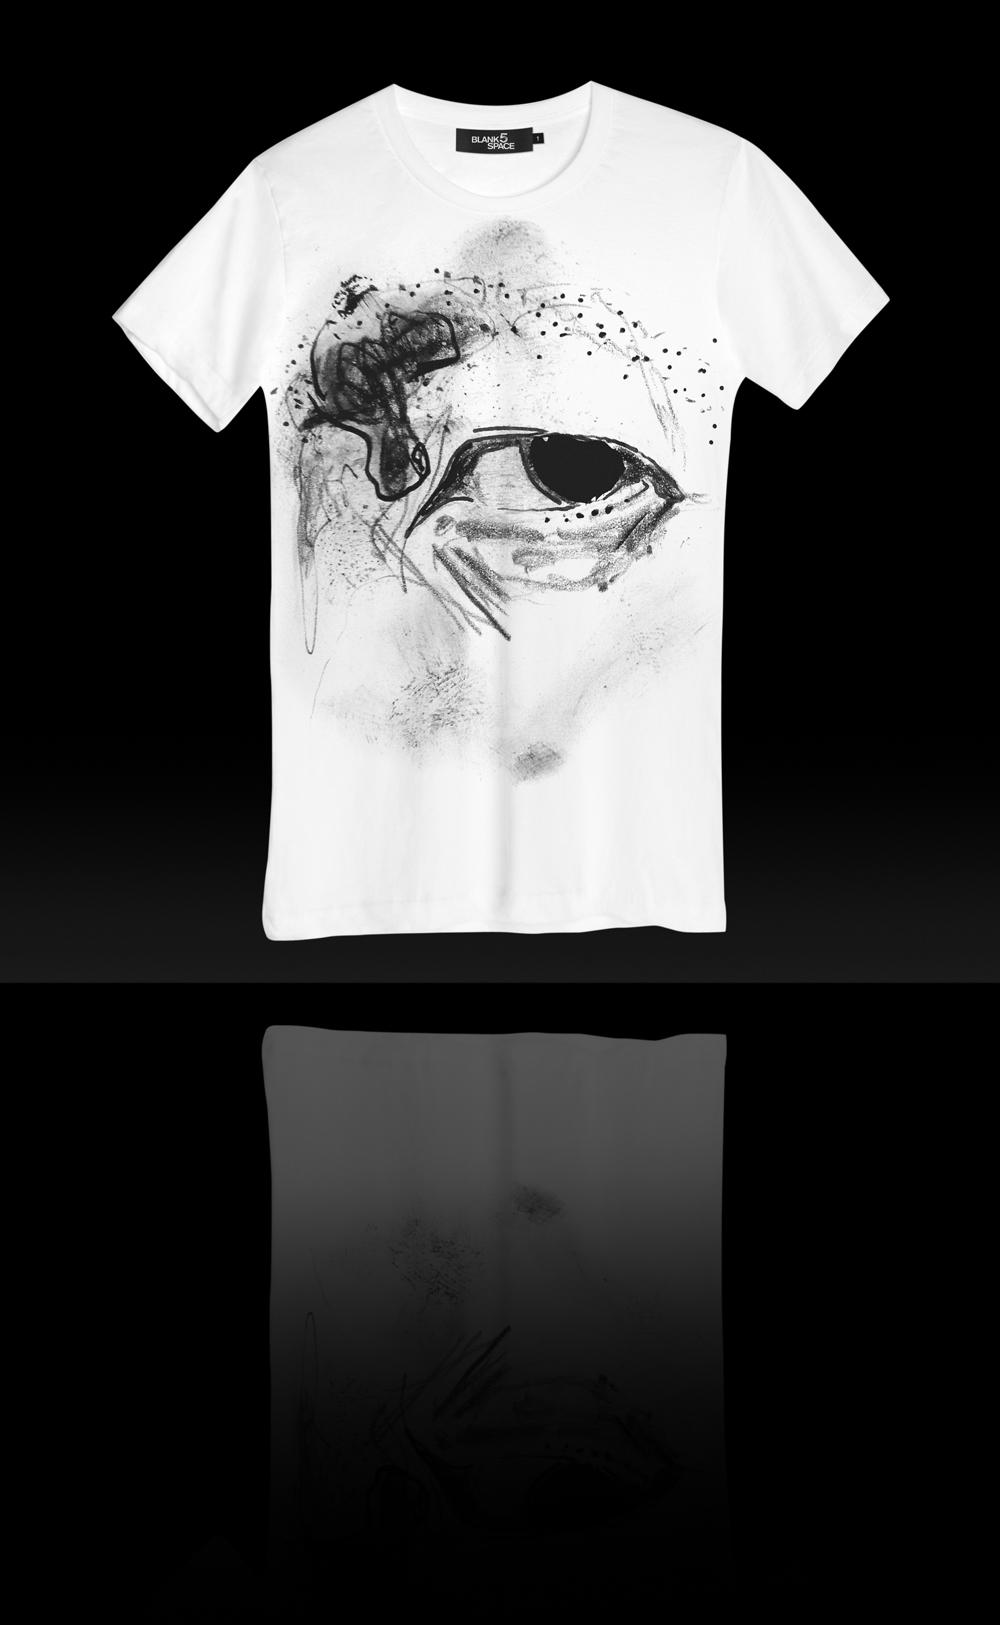 00_Vol_01_T-Shirt_01_Front_Black.jpg